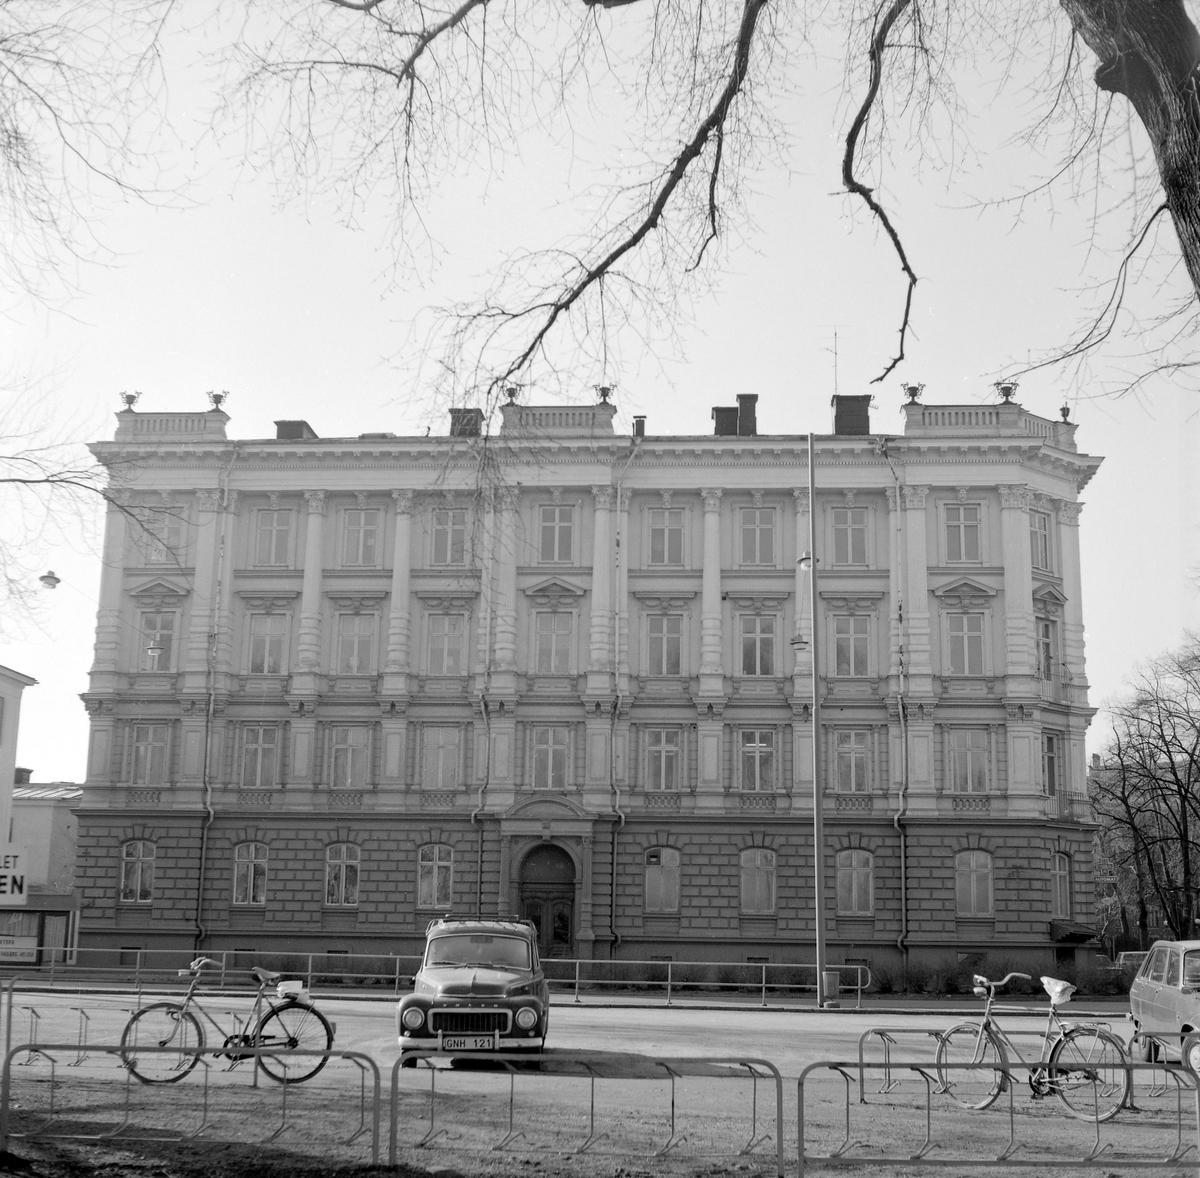 Det pampiga stenhuset med adress Järnvägsgatan 8, erhöll en överbelastad arkitektur efter mönster från italiensk renässans. Det storslagna uttrycket avsåg att imponera på dem som färdades med tåg förbi Linköping. Huset uppfördes 1889-90 efter ritningar av Janne Lundin.